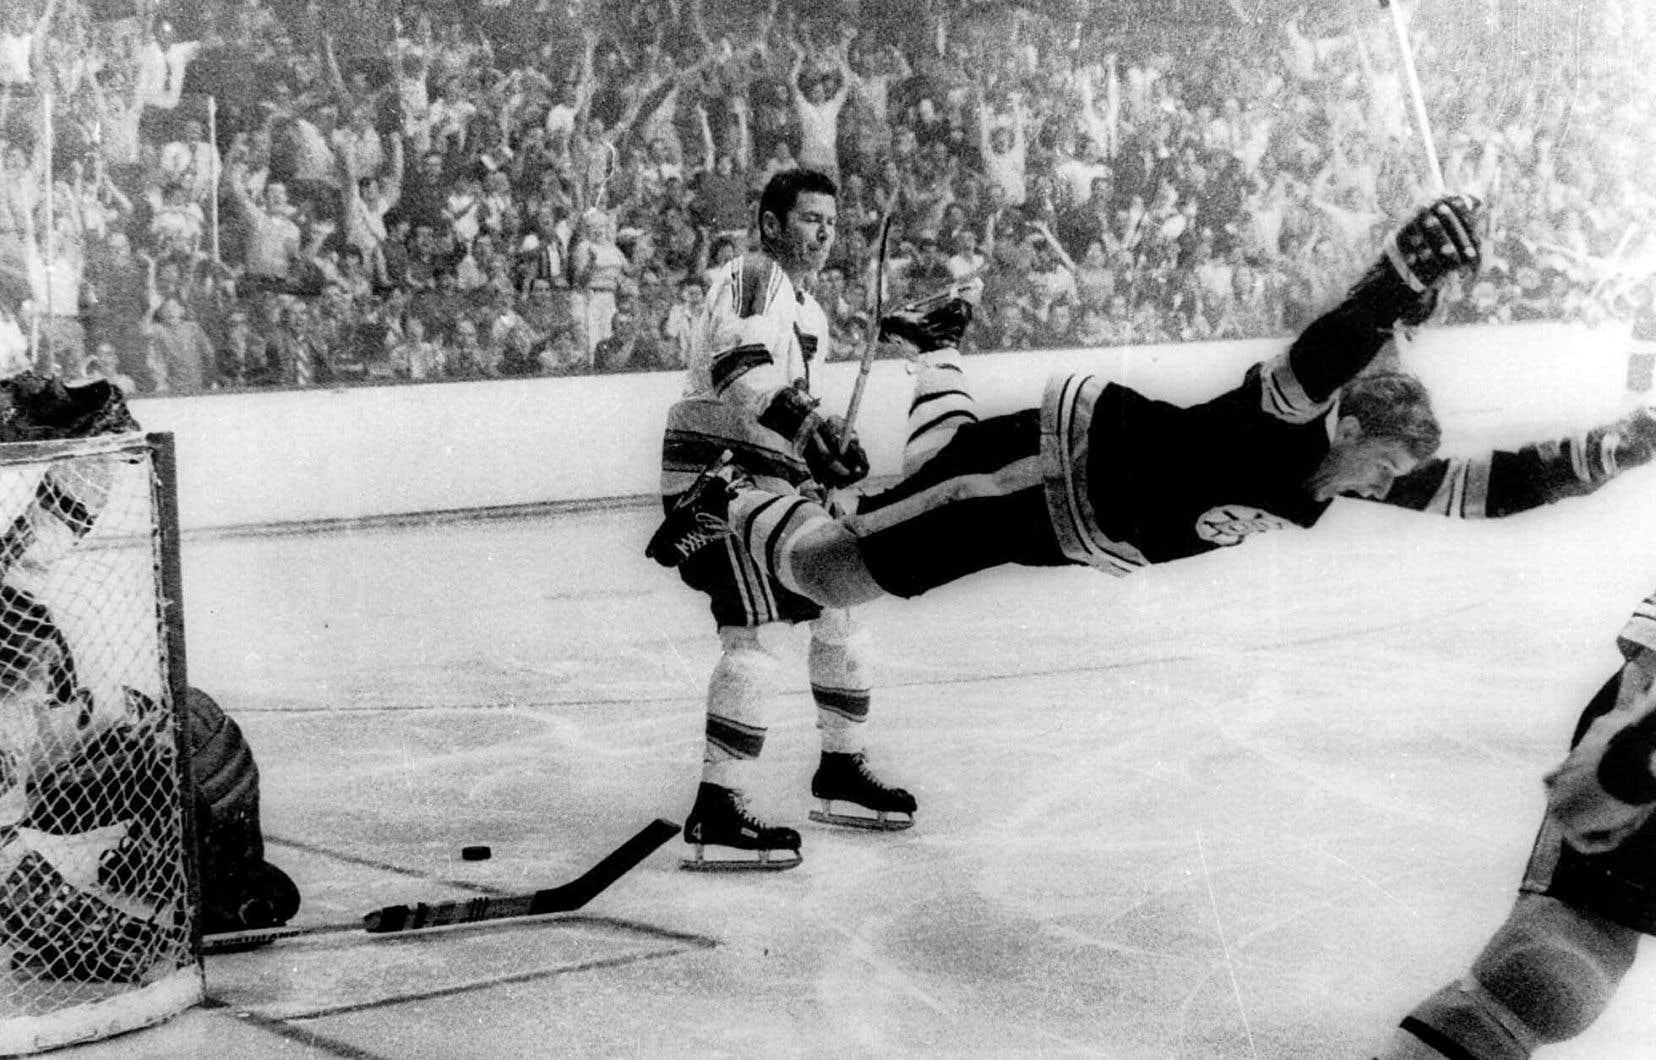 Le 10 mai 1970, Bobby Orr marque le but victorieux pour les Bruins de Boston en finale de la Coupe Stanley sous le regard dépité du défenseur québécois Noël Picard.